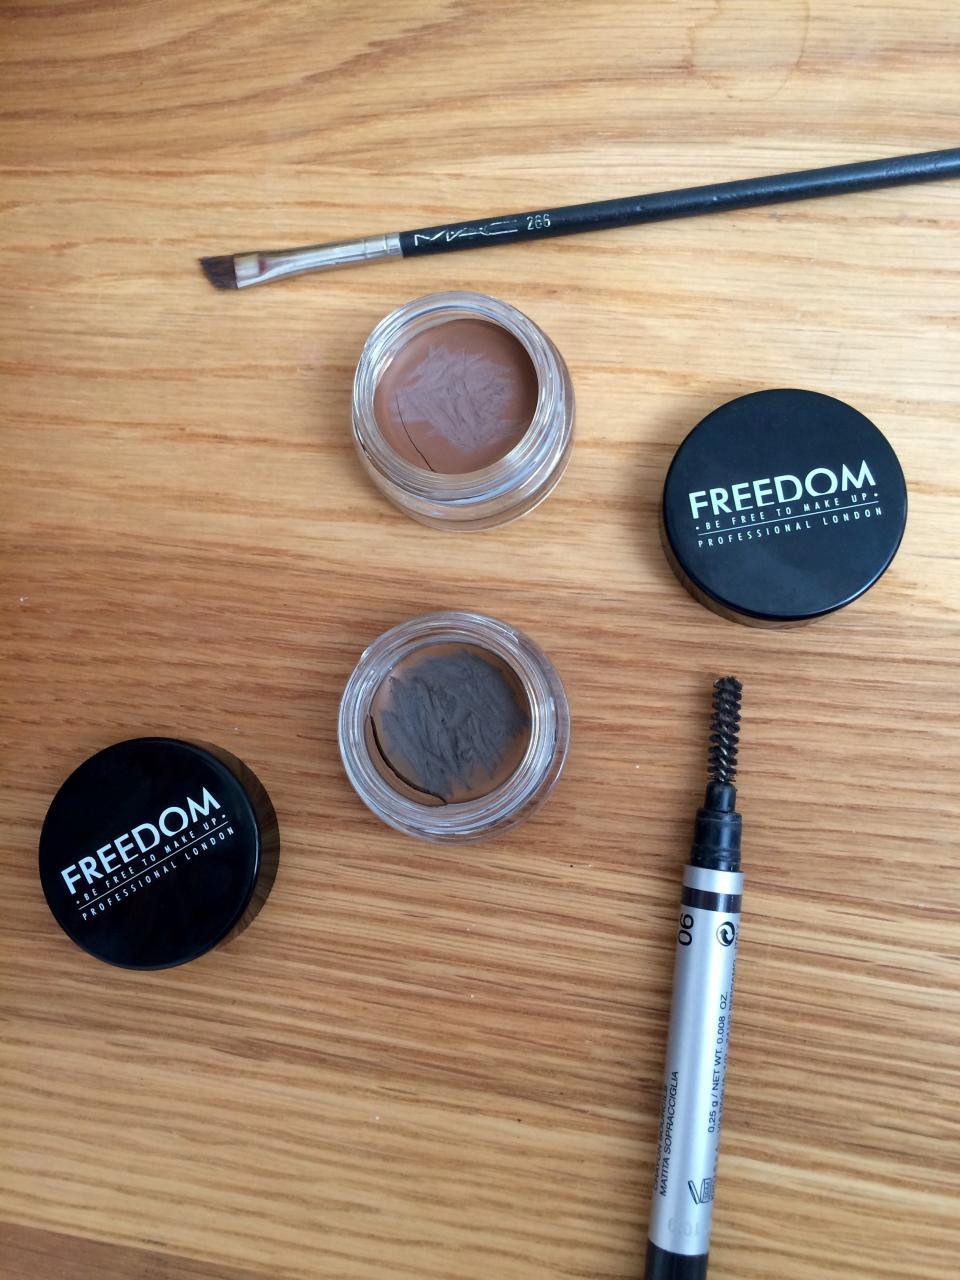 freedom-bulletproof-brow-pomade-long-lasting-brow-tutorial-packaging